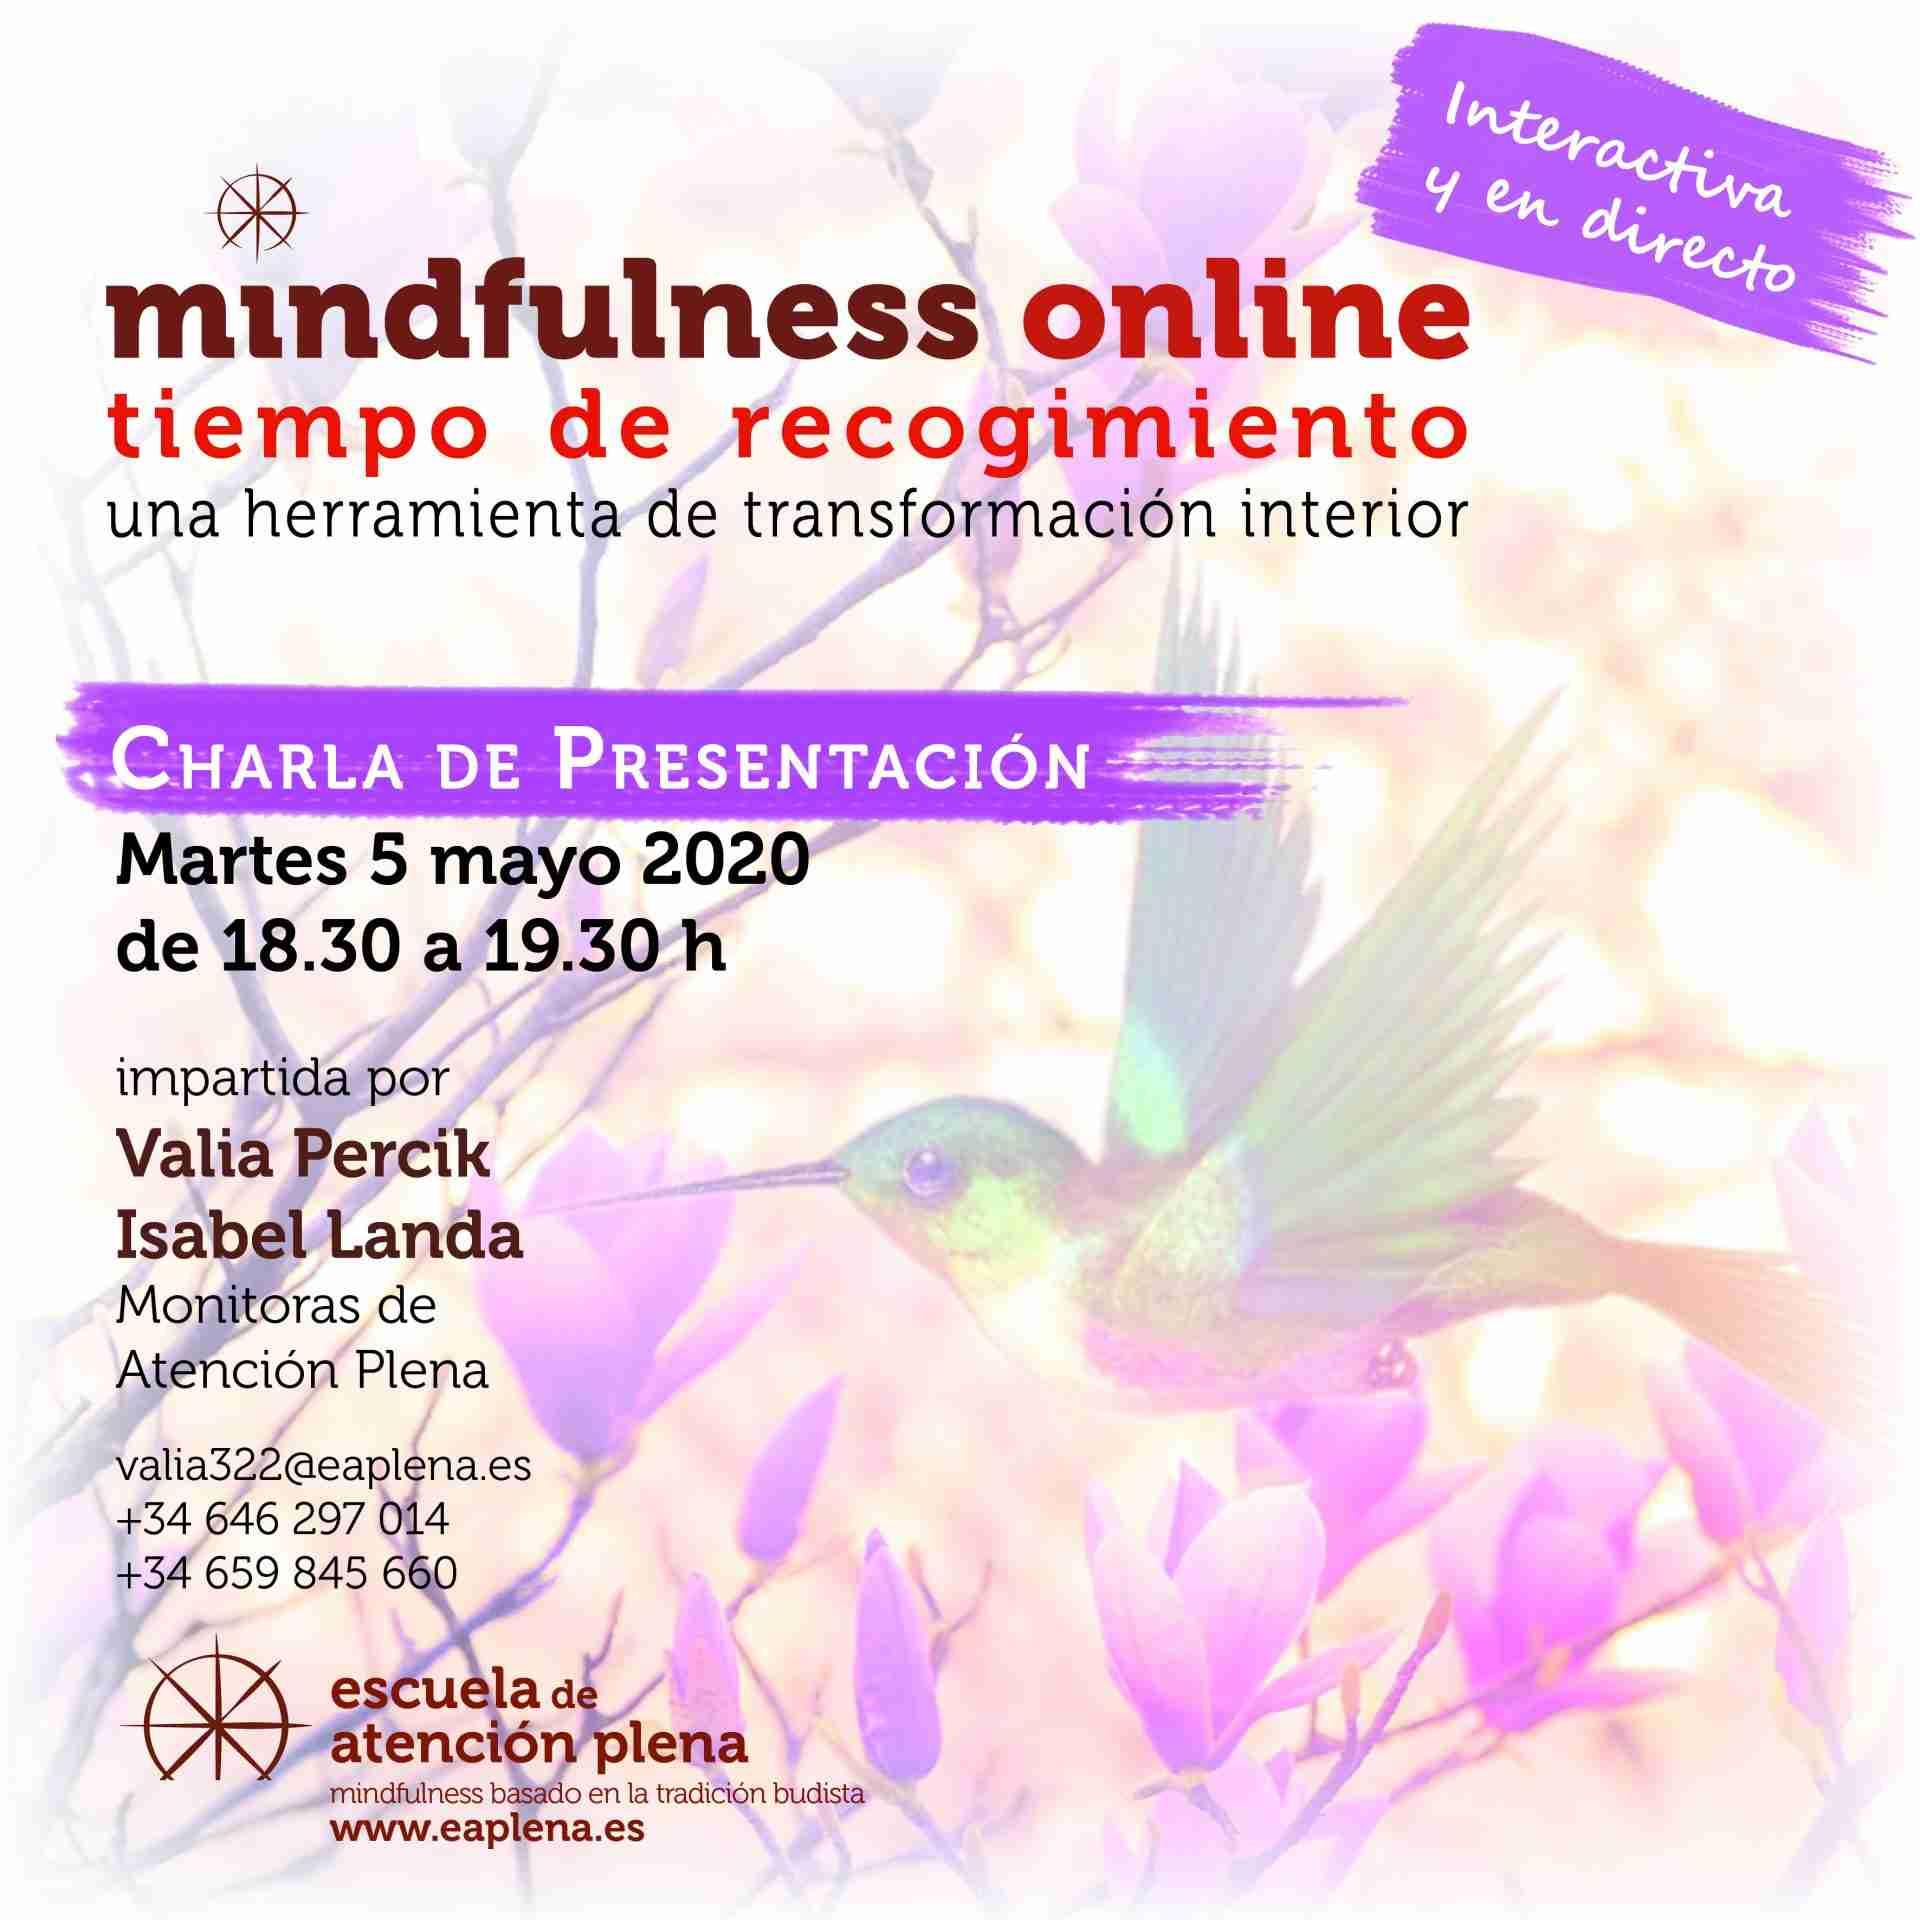 Charla de Presentación Online2 Valia Percik e Isabel Landa 05-05